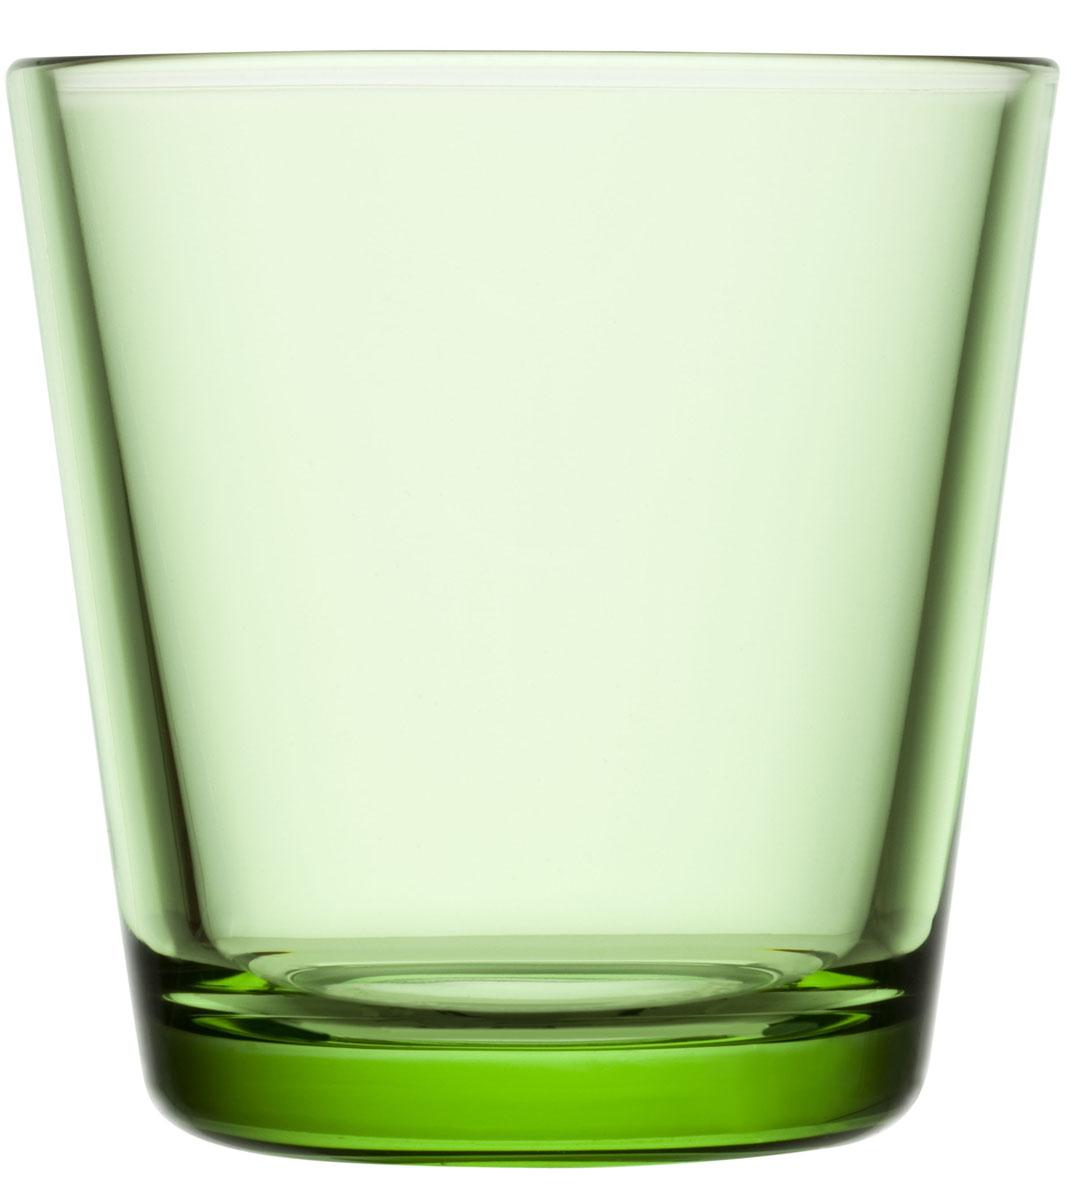 Набор стаканов Iittala Kartio, цвет: зеленый, 210 мл, 2 шт1008620Стаканы Iittala выполнены из высококачественного стекла. Изделия имеют удобную изящнуюформу, которая позволит им комфортно лежать в вашей руке. Дизайн стаканов будет радовать глаз. Легкий и прочный материал обеспечитсохранность изделия в течение многих лет.